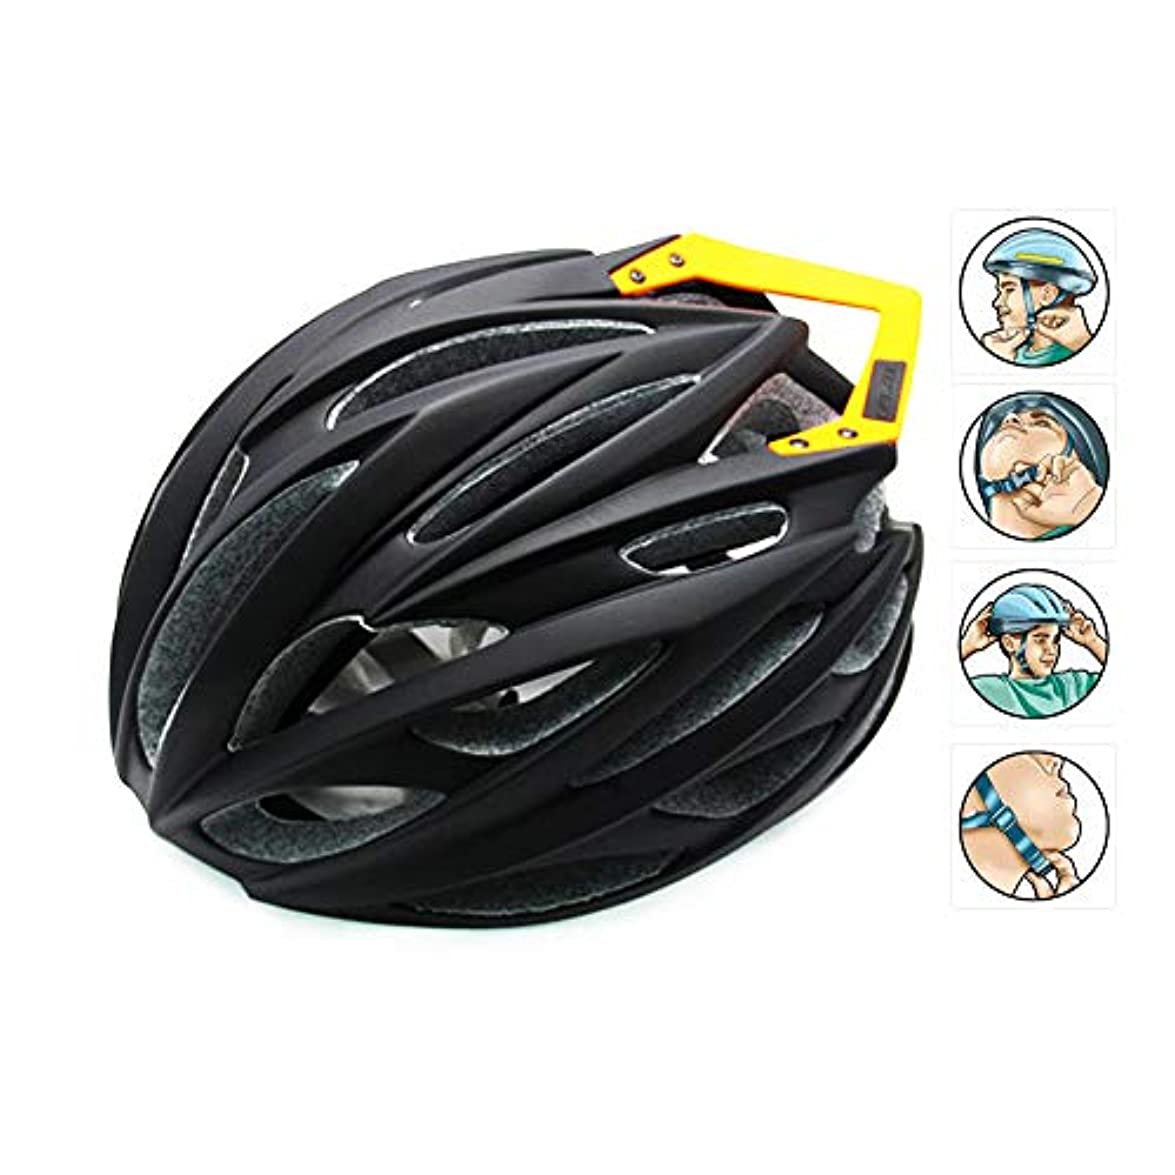 階バブルケントロード、マウンテンバイク用ヘルメット/キールヘルメット/テールヘルメット付き/アウトドア用乗馬用帽子/自転車用ヘルメット